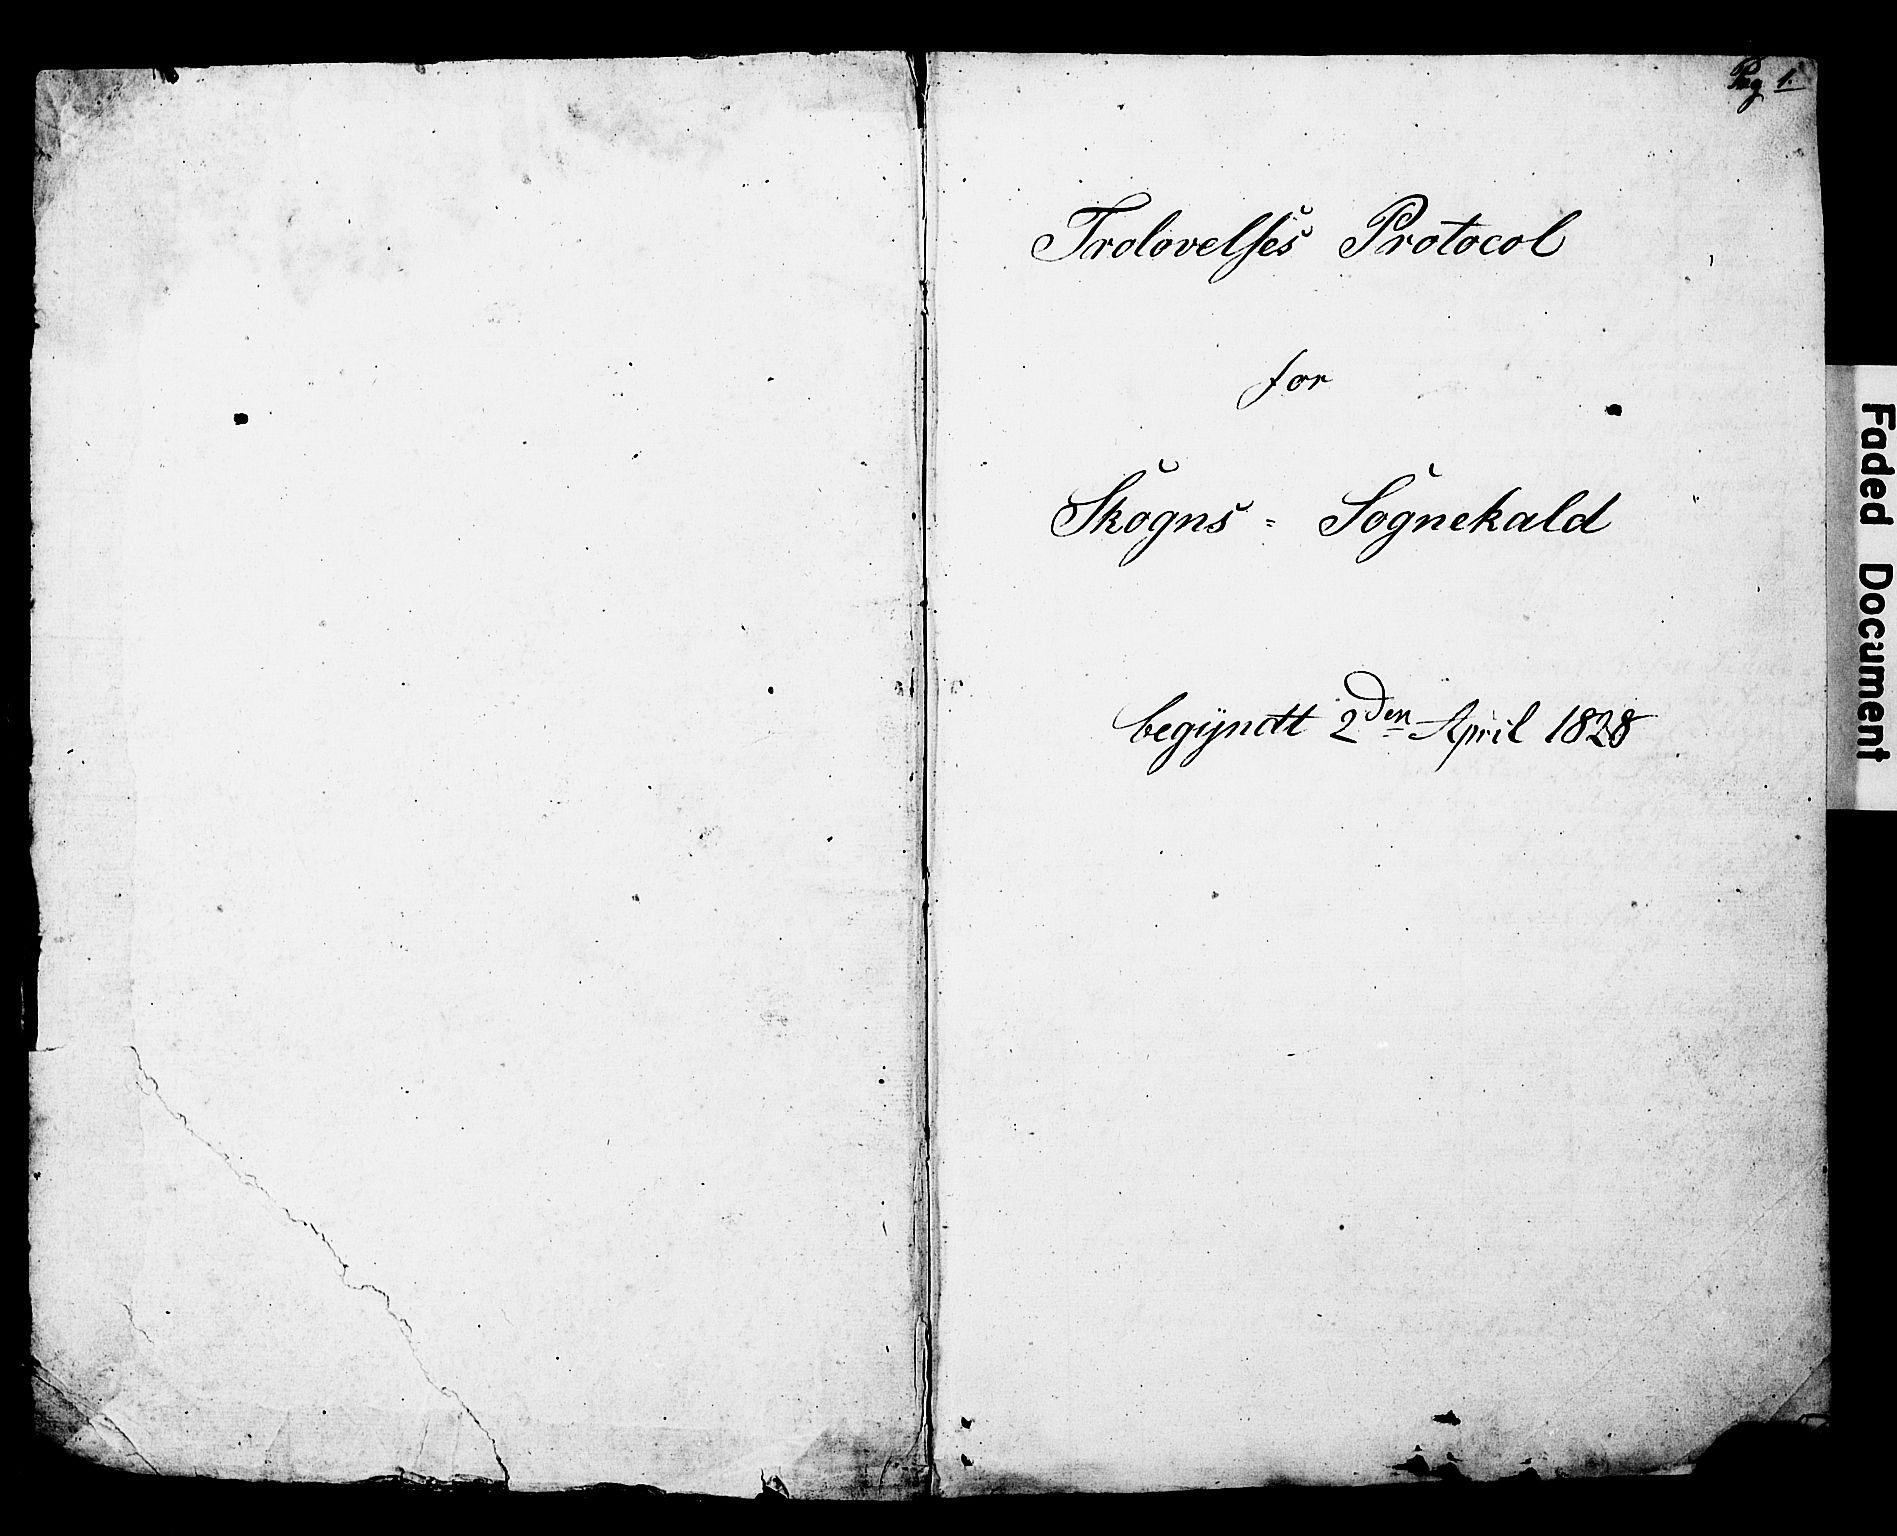 SAT, Ministerialprotokoller, klokkerbøker og fødselsregistre - Nord-Trøndelag, 717/L0160: Forlovererklæringer nr. 717A10, 1828-1850, s. 0-1